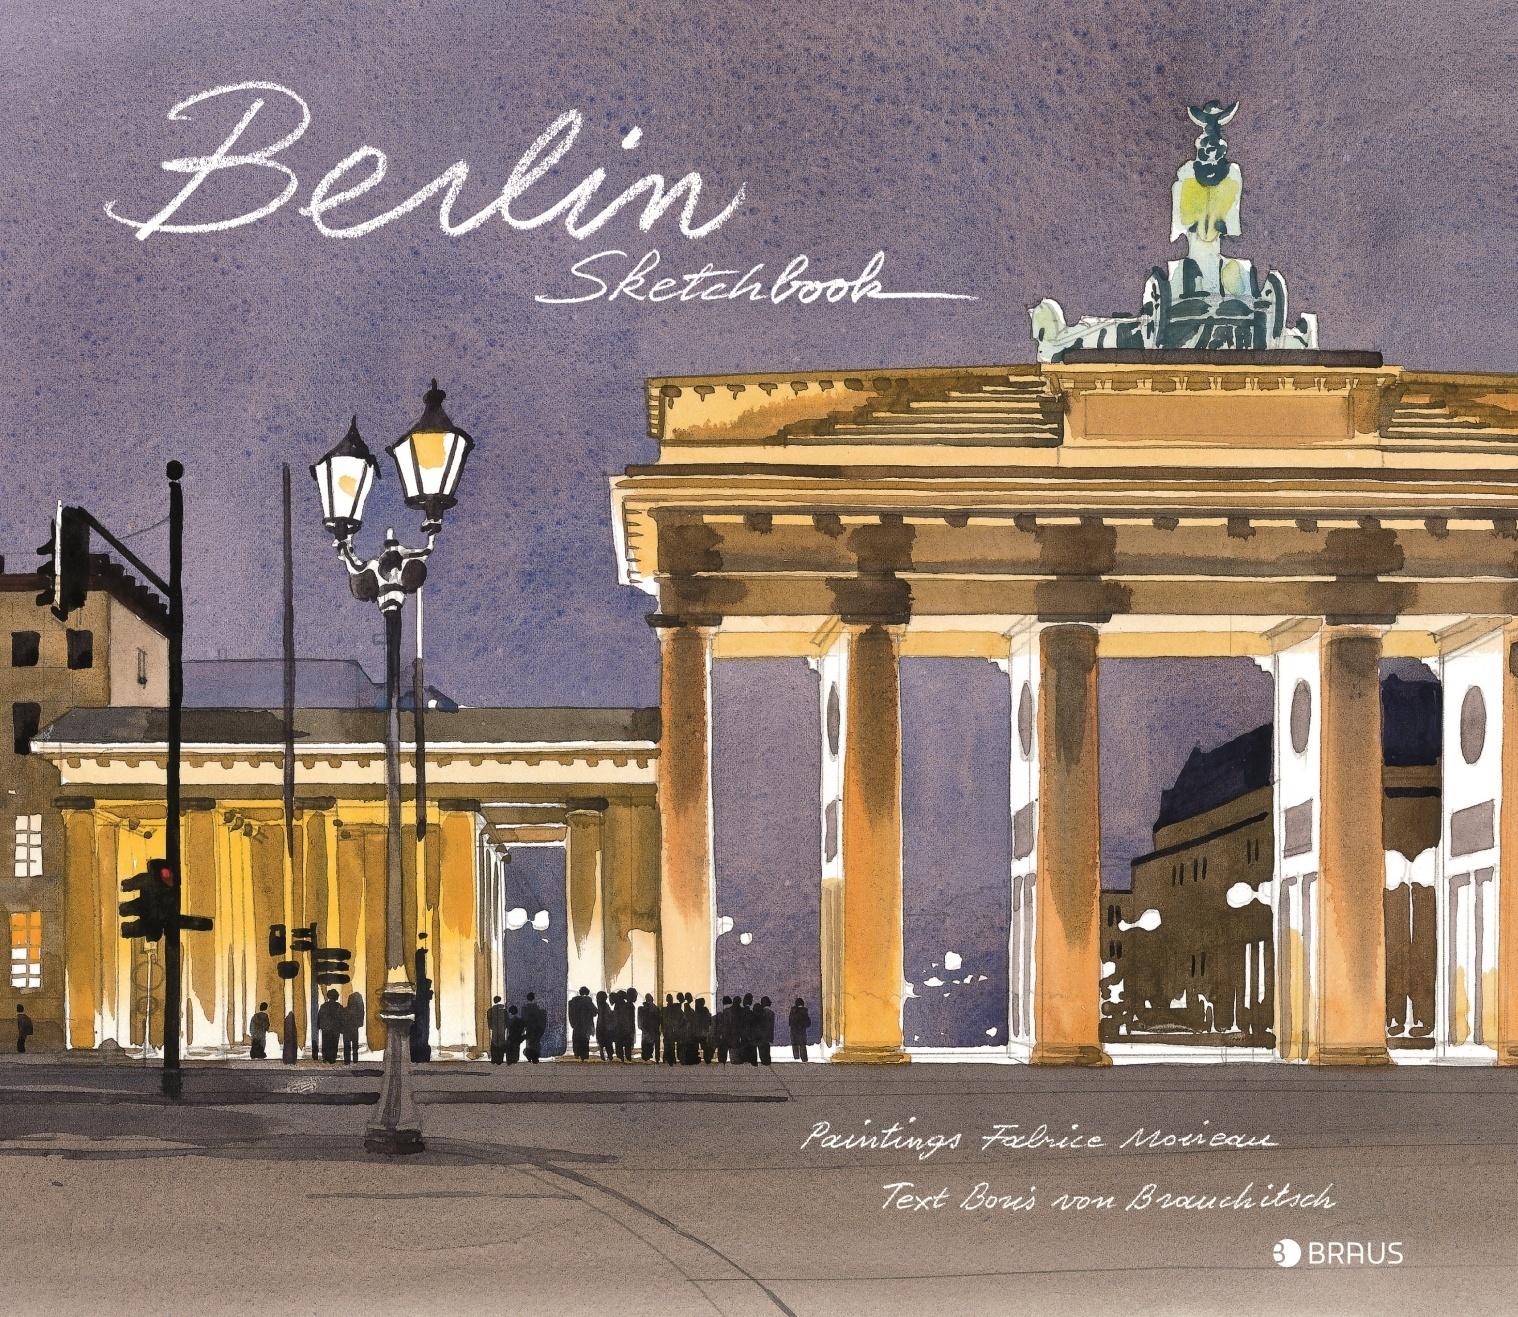 BI_160225_urban_sketching_moireau_berlin sketchbook